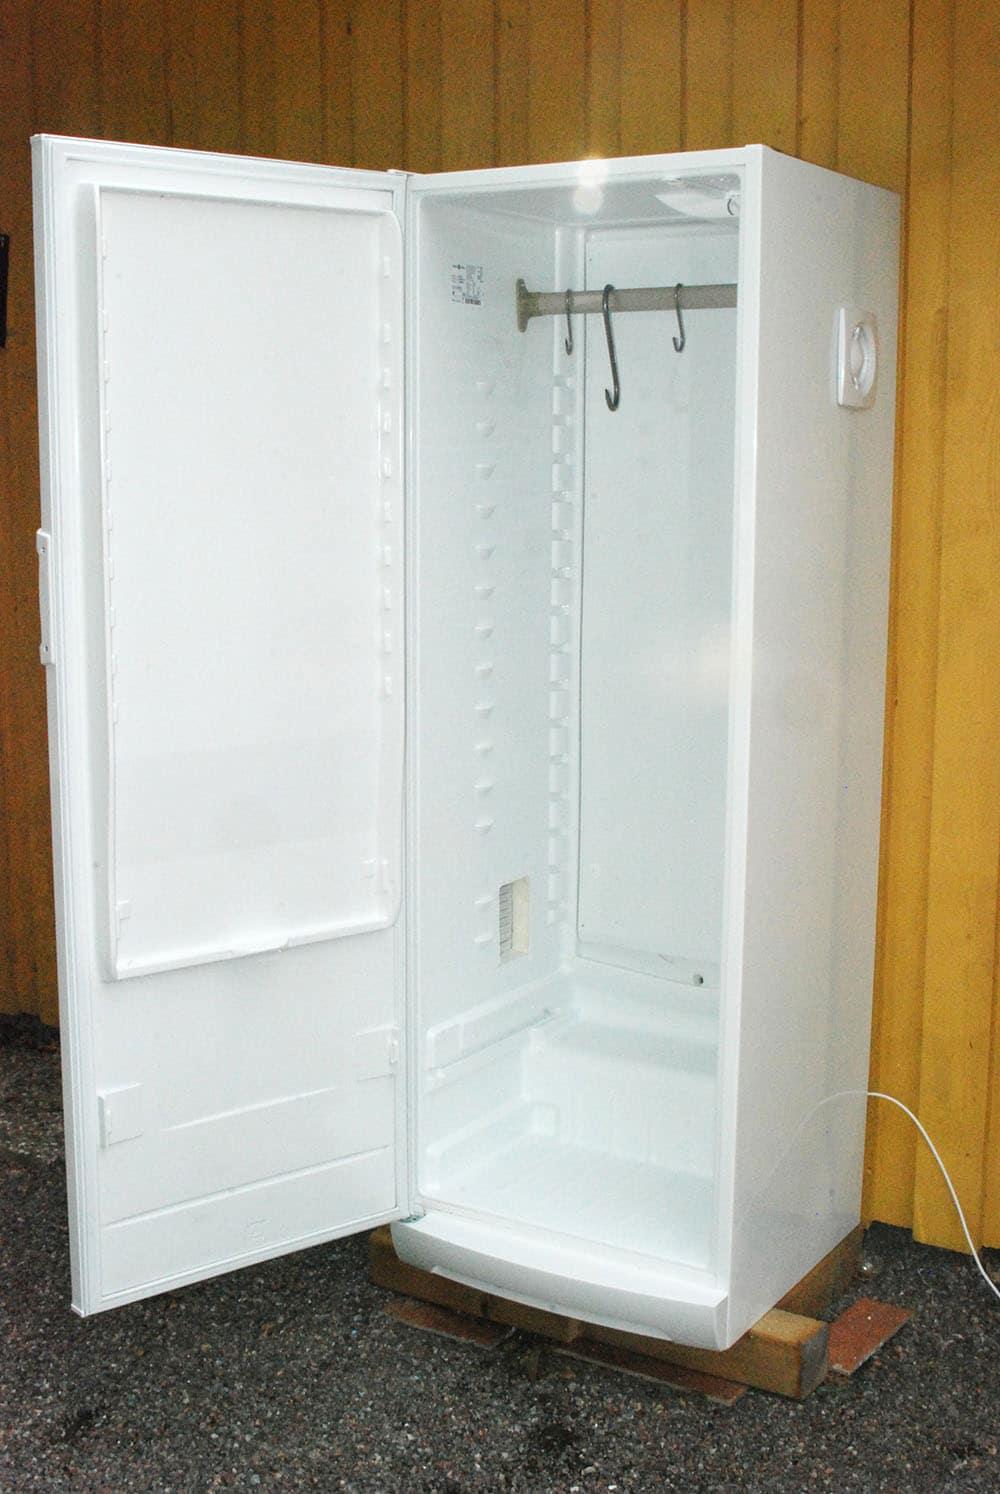 Kylen bör vara ett högskåp med en dörr. För att få luftcirkulation installeras en ventil på ena sidan och en fläkt på andra. I mitten monteras en stång av den typ som används i garderober. Foto: Torsten Mörner